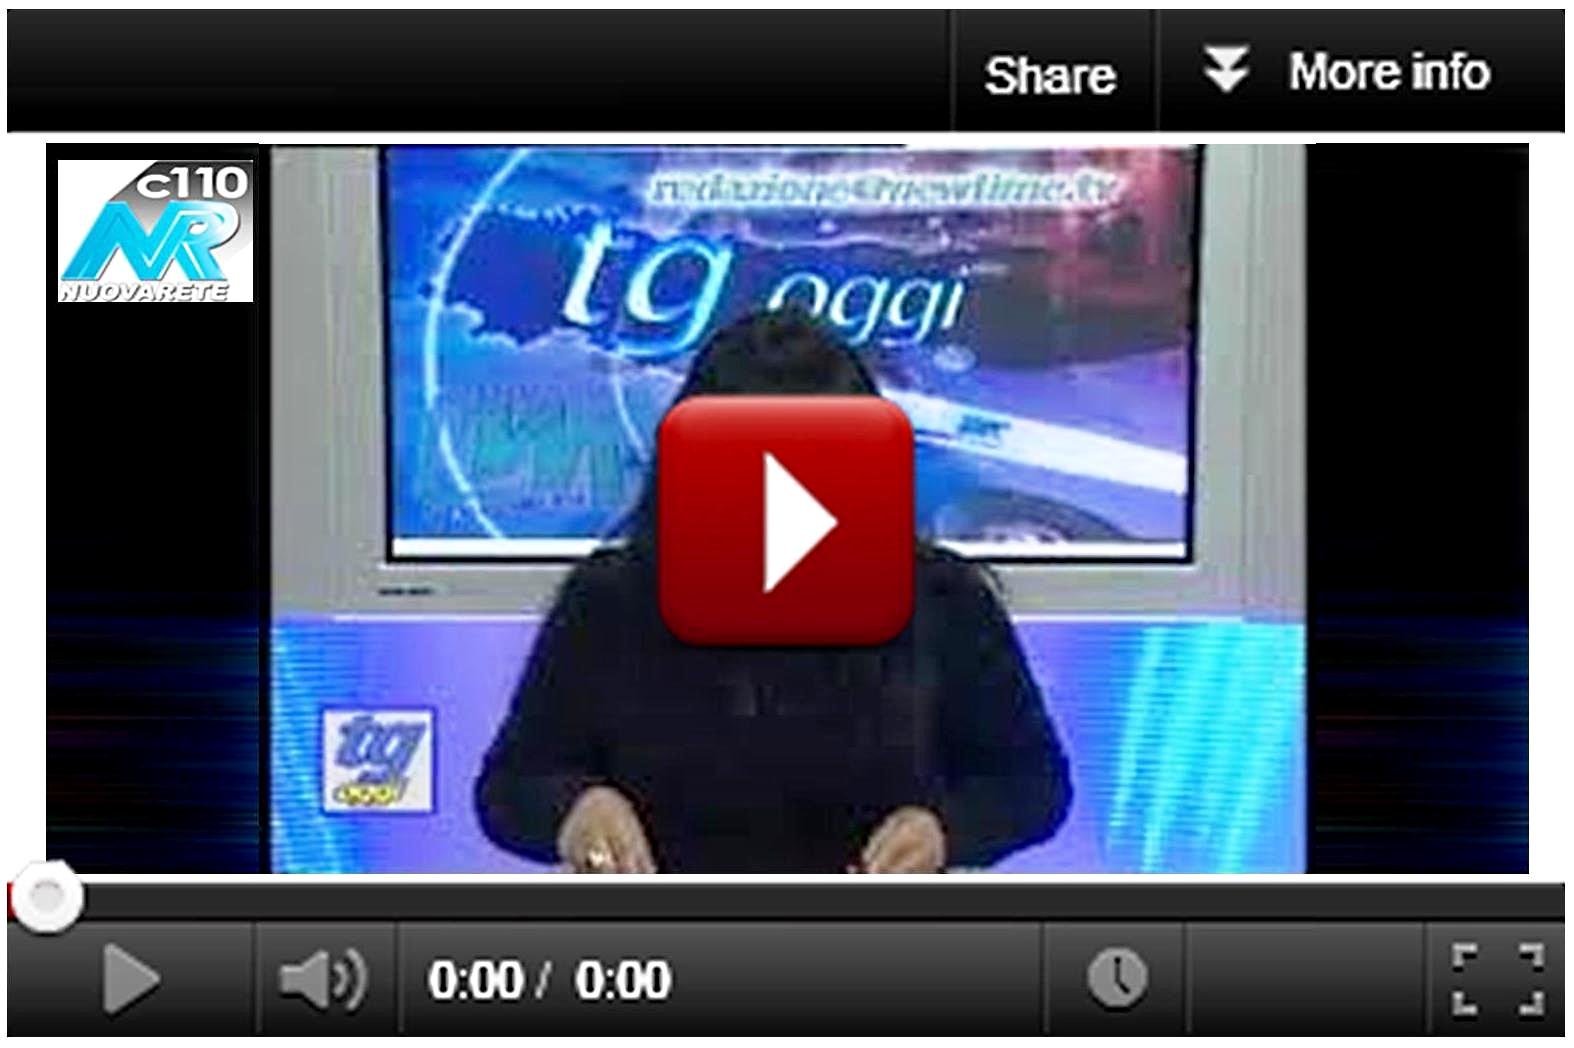 Icona TG Rete 110